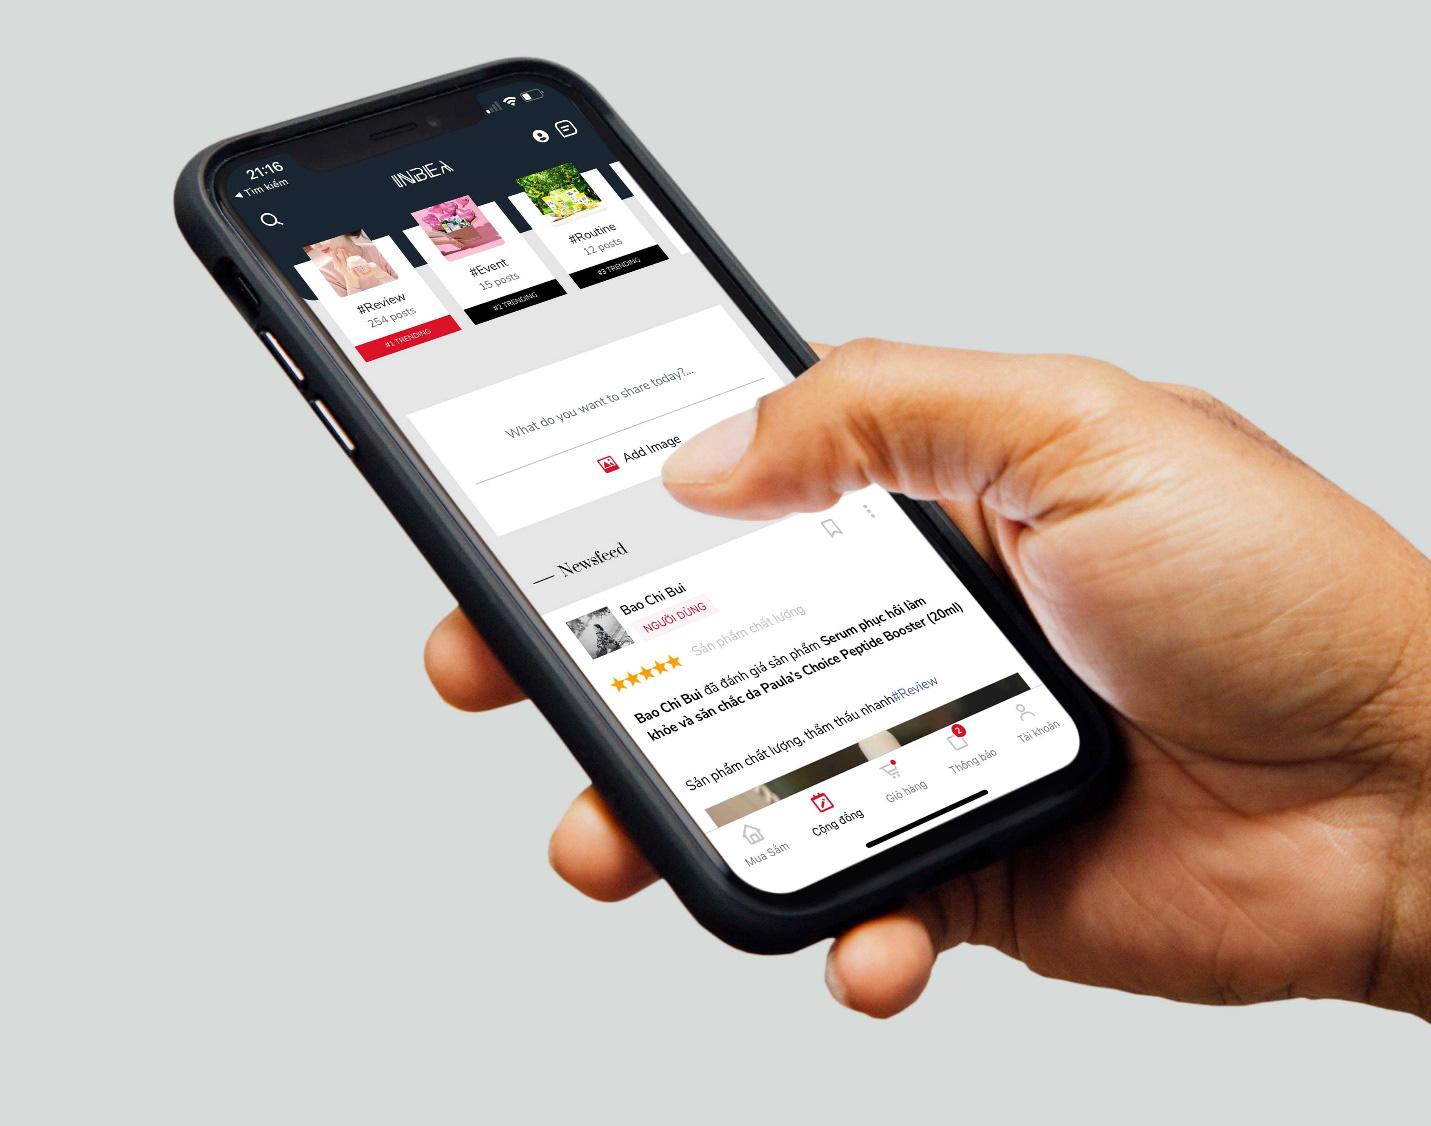 Dùng thử Inbea - Ứng dụng giúp hoàn tiền mặt đến 20% khi mua sắm mỹ phẩm: Có nhiều ưu đãi và tiện ích đến không ngờ - Ảnh 4.